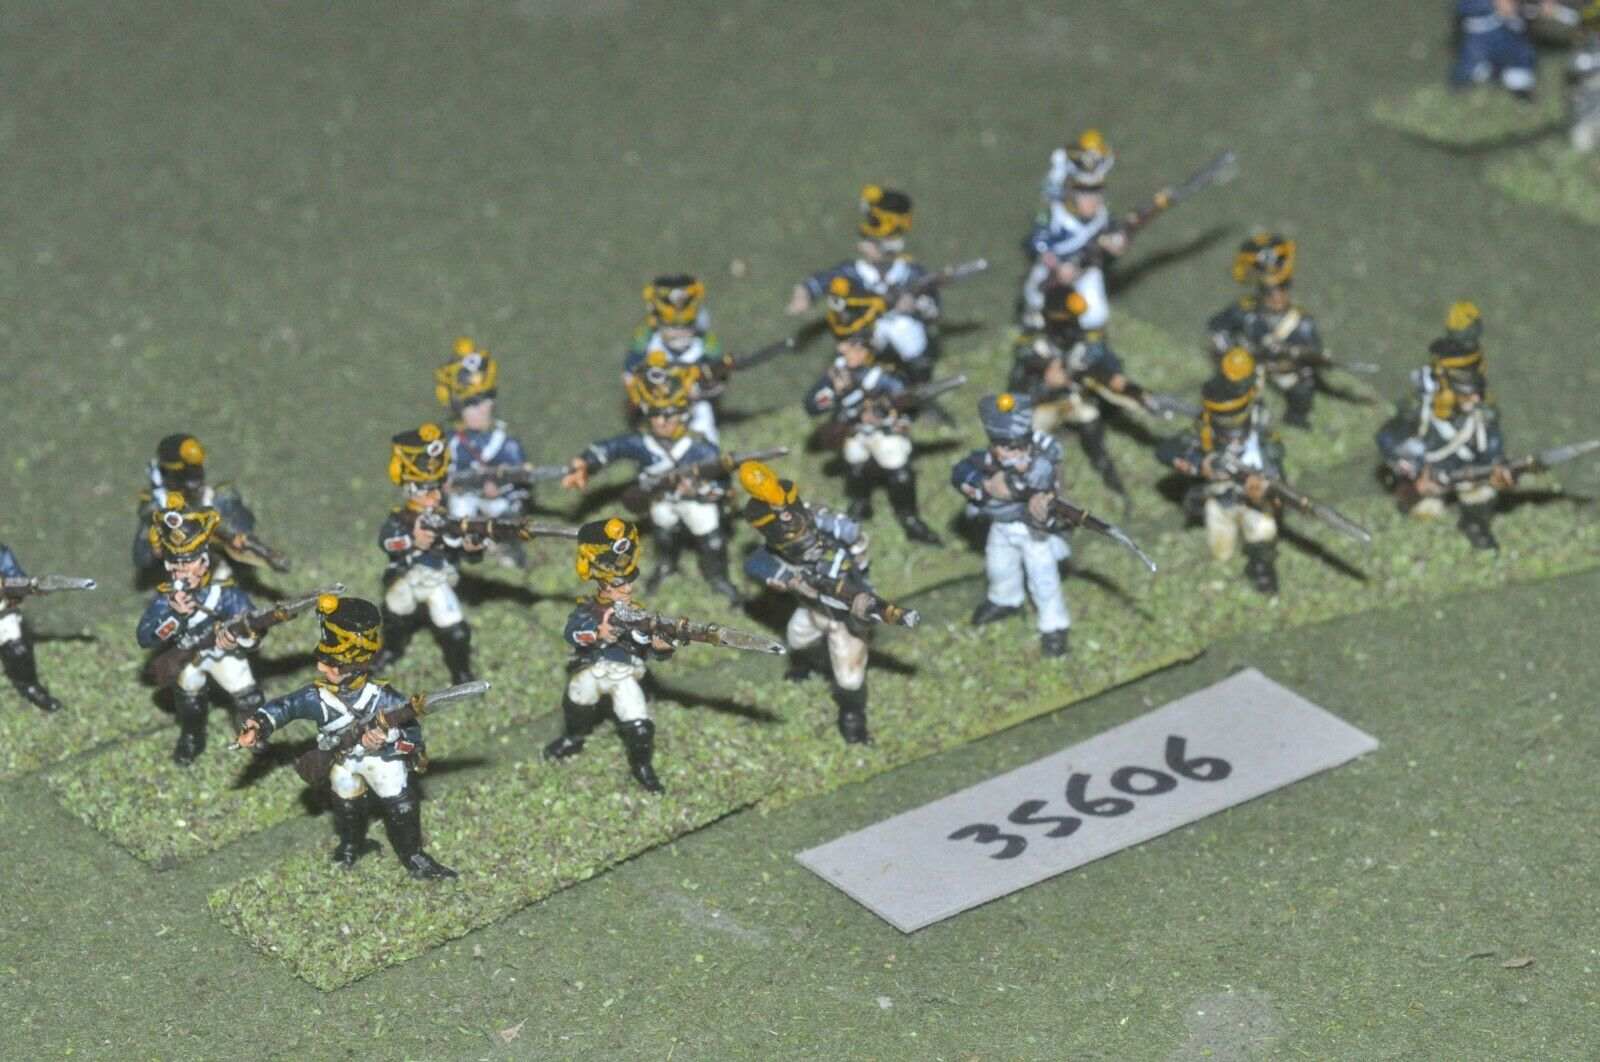 bajo precio del 40% 25mm napoleónicas francés-Skirmishers 18 18 18 figuras-INF (35606)  Todo en alta calidad y bajo precio.